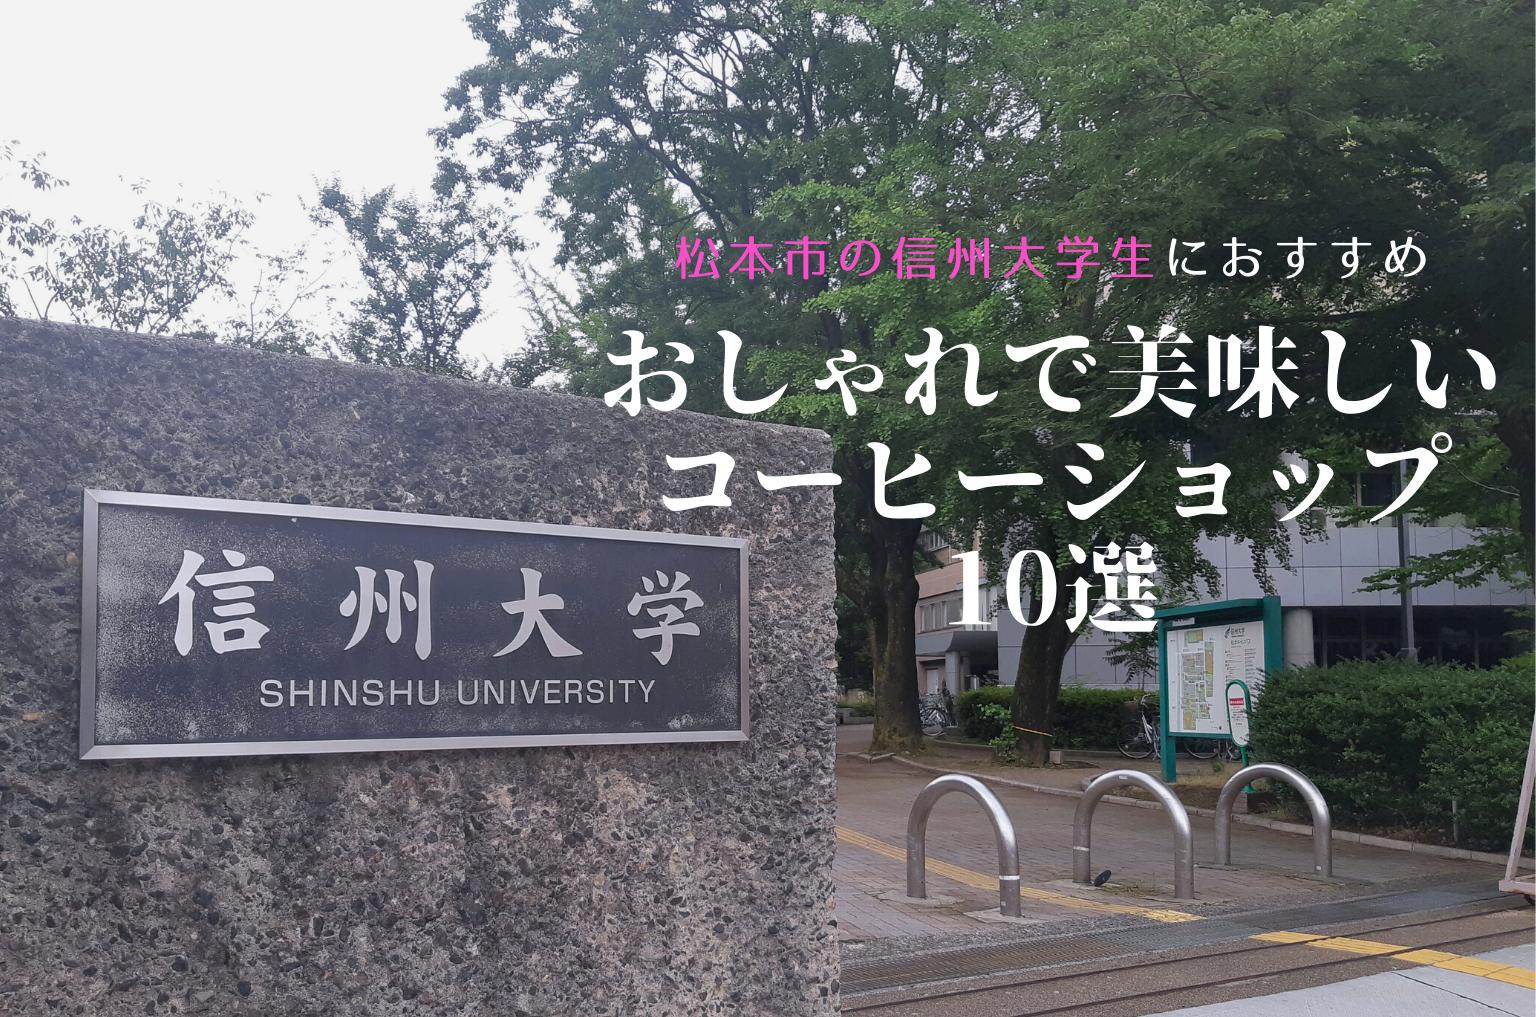 【松本市の信州大学生におすすめ】